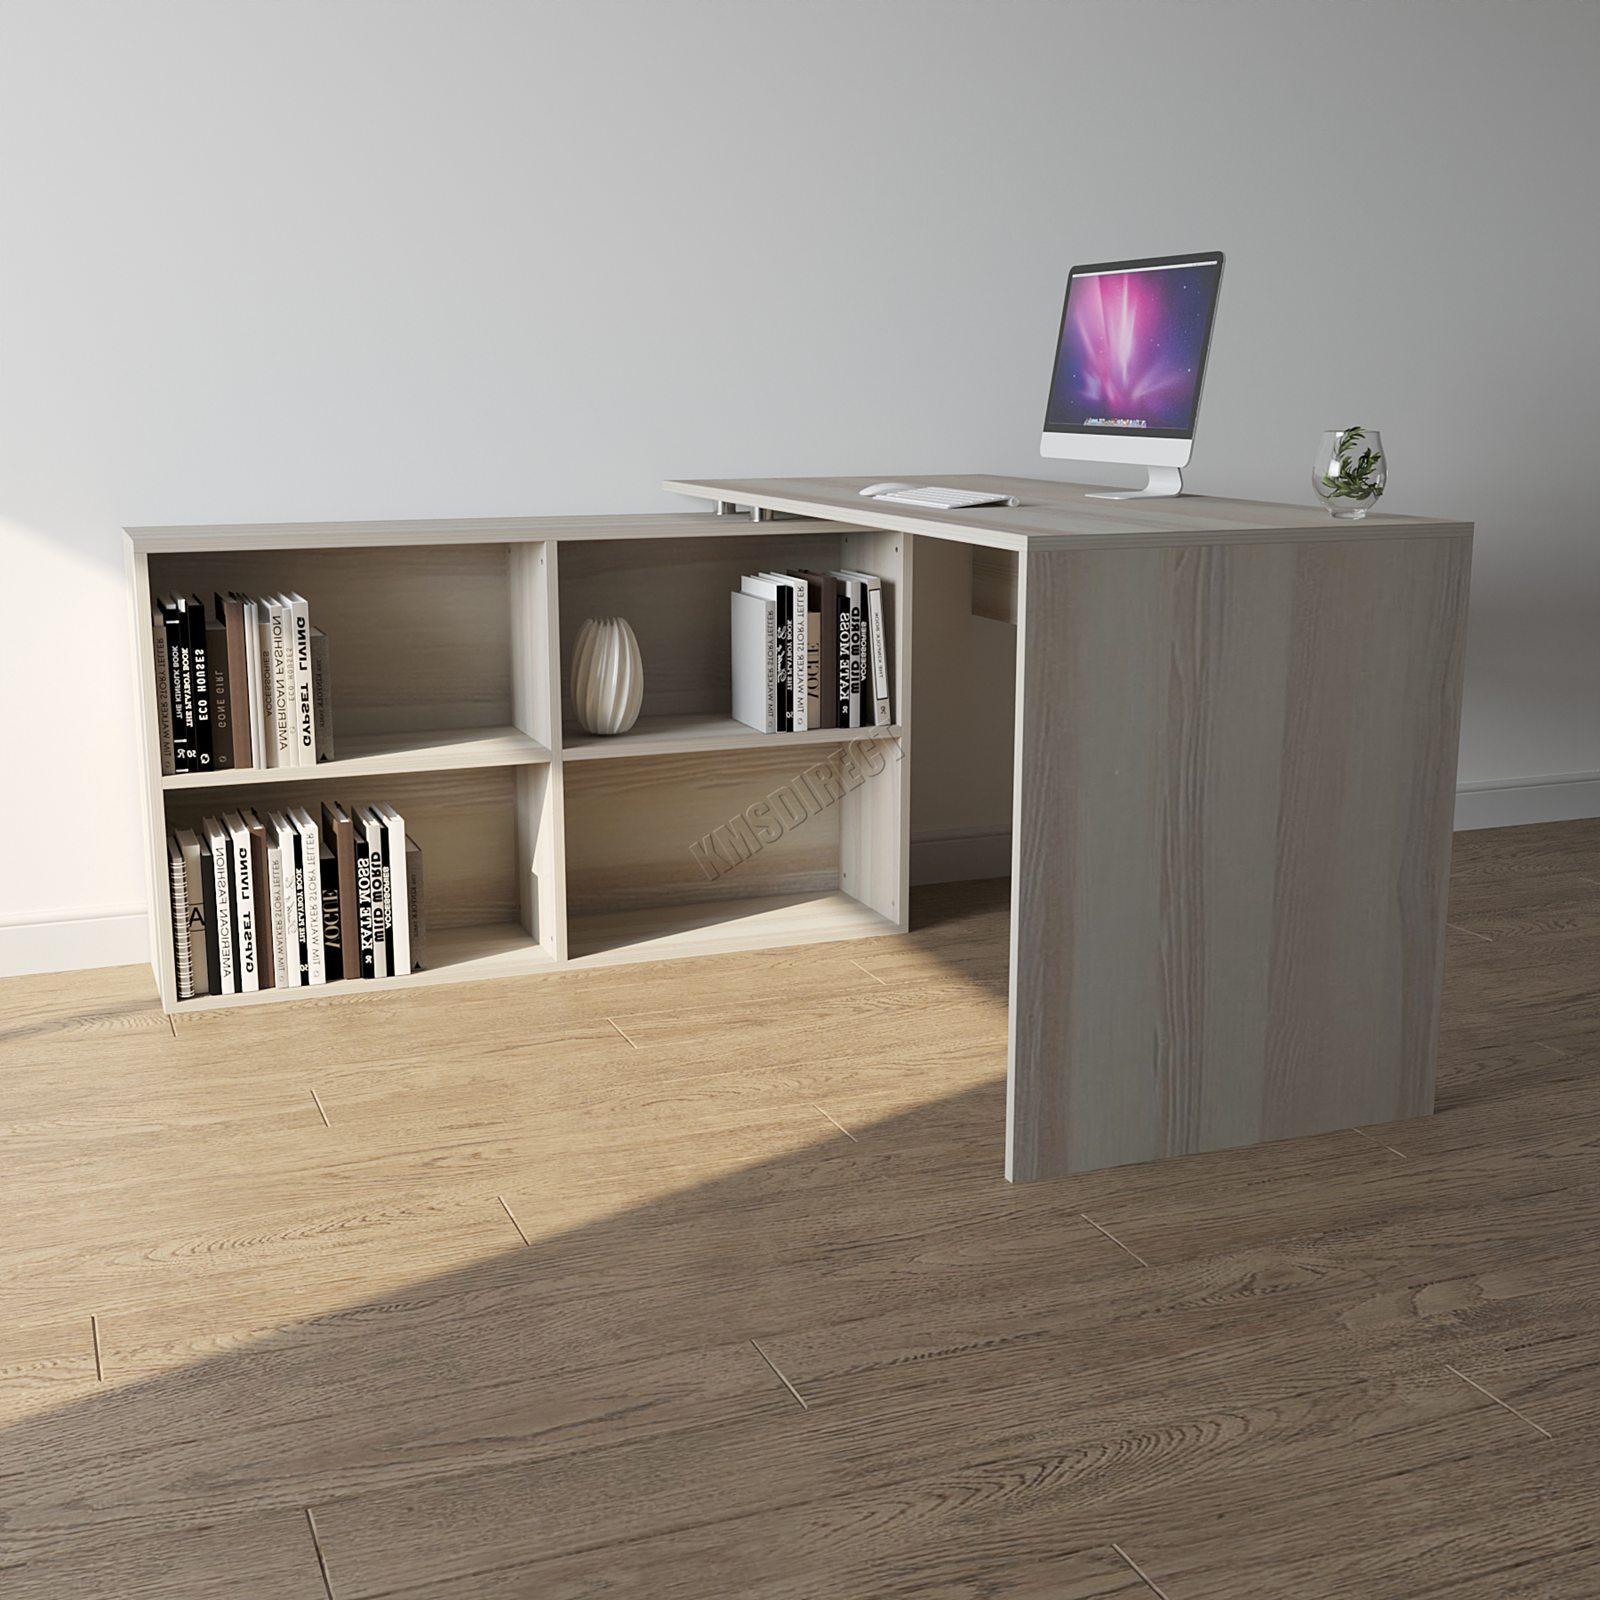 foxhunter l f rmige ecke computer schreibtisch st ck tisch zuhause arbeit b ro ebay. Black Bedroom Furniture Sets. Home Design Ideas